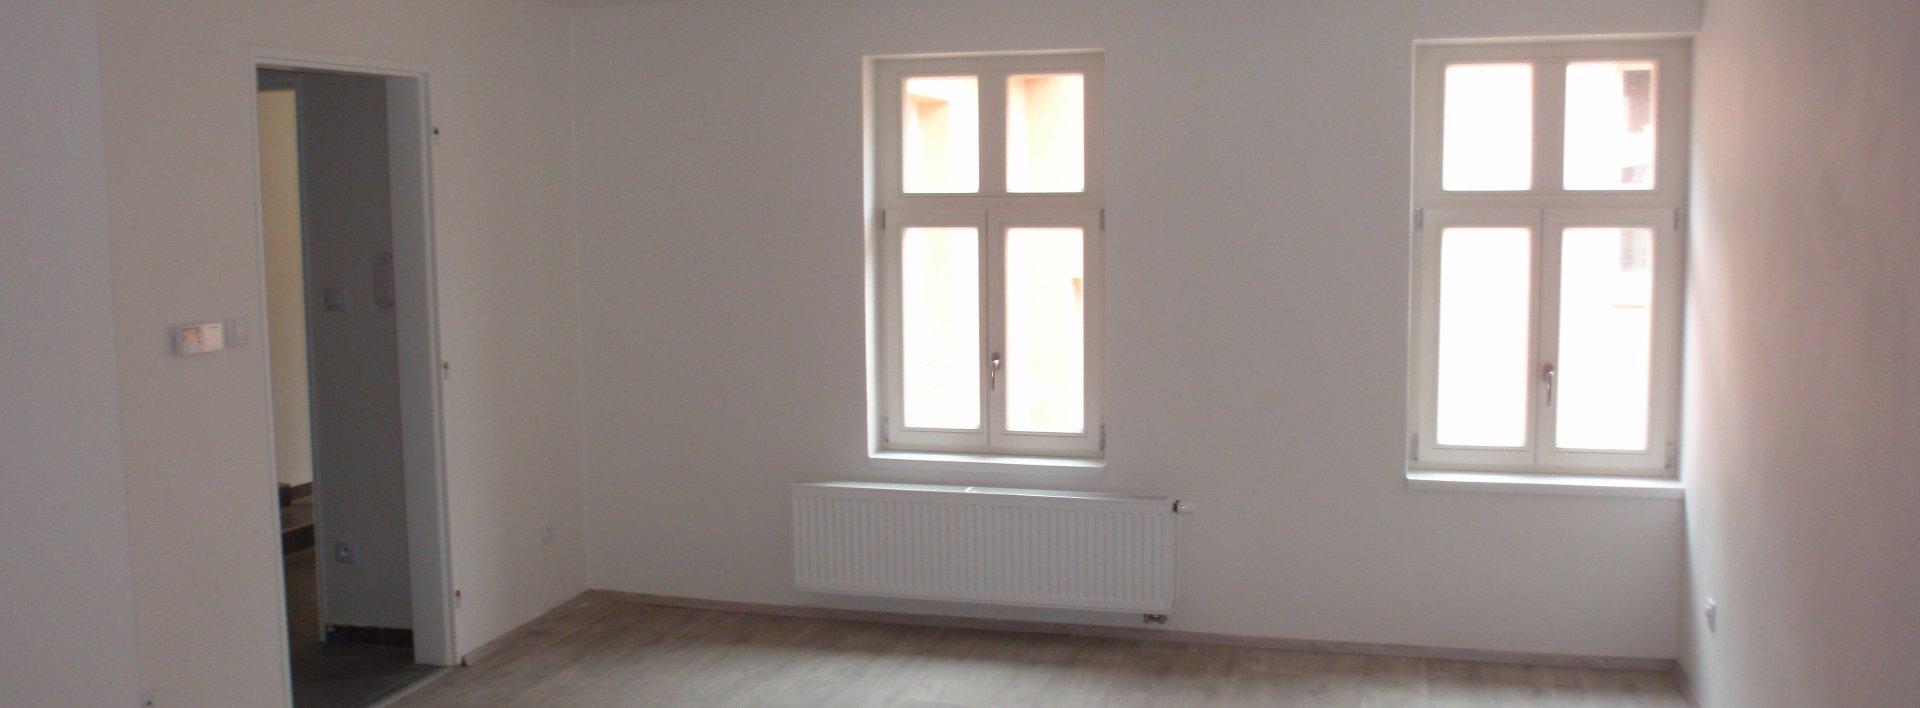 Pronájem bytu 1+kk, 32 m² - Na Kopečku, Liberec I-Staré Město